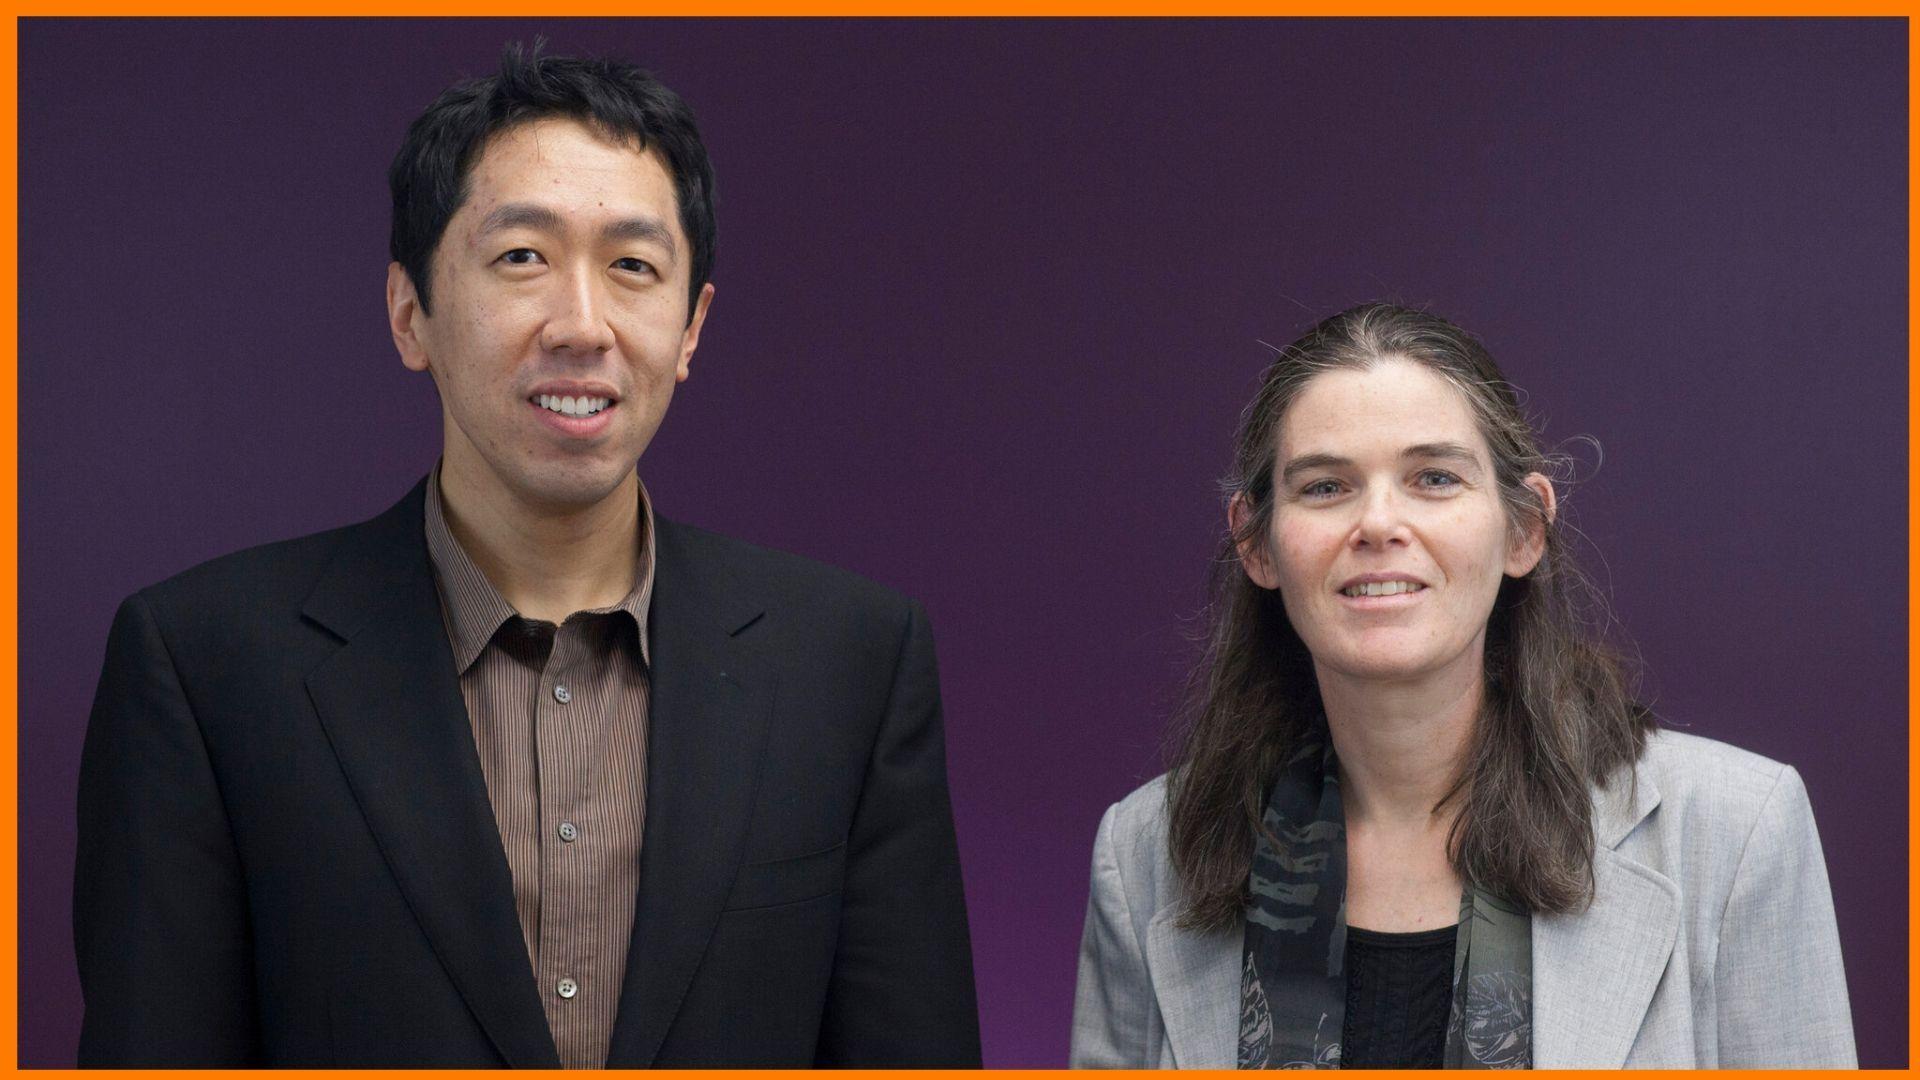 Andrew Ng and Daphne Koller